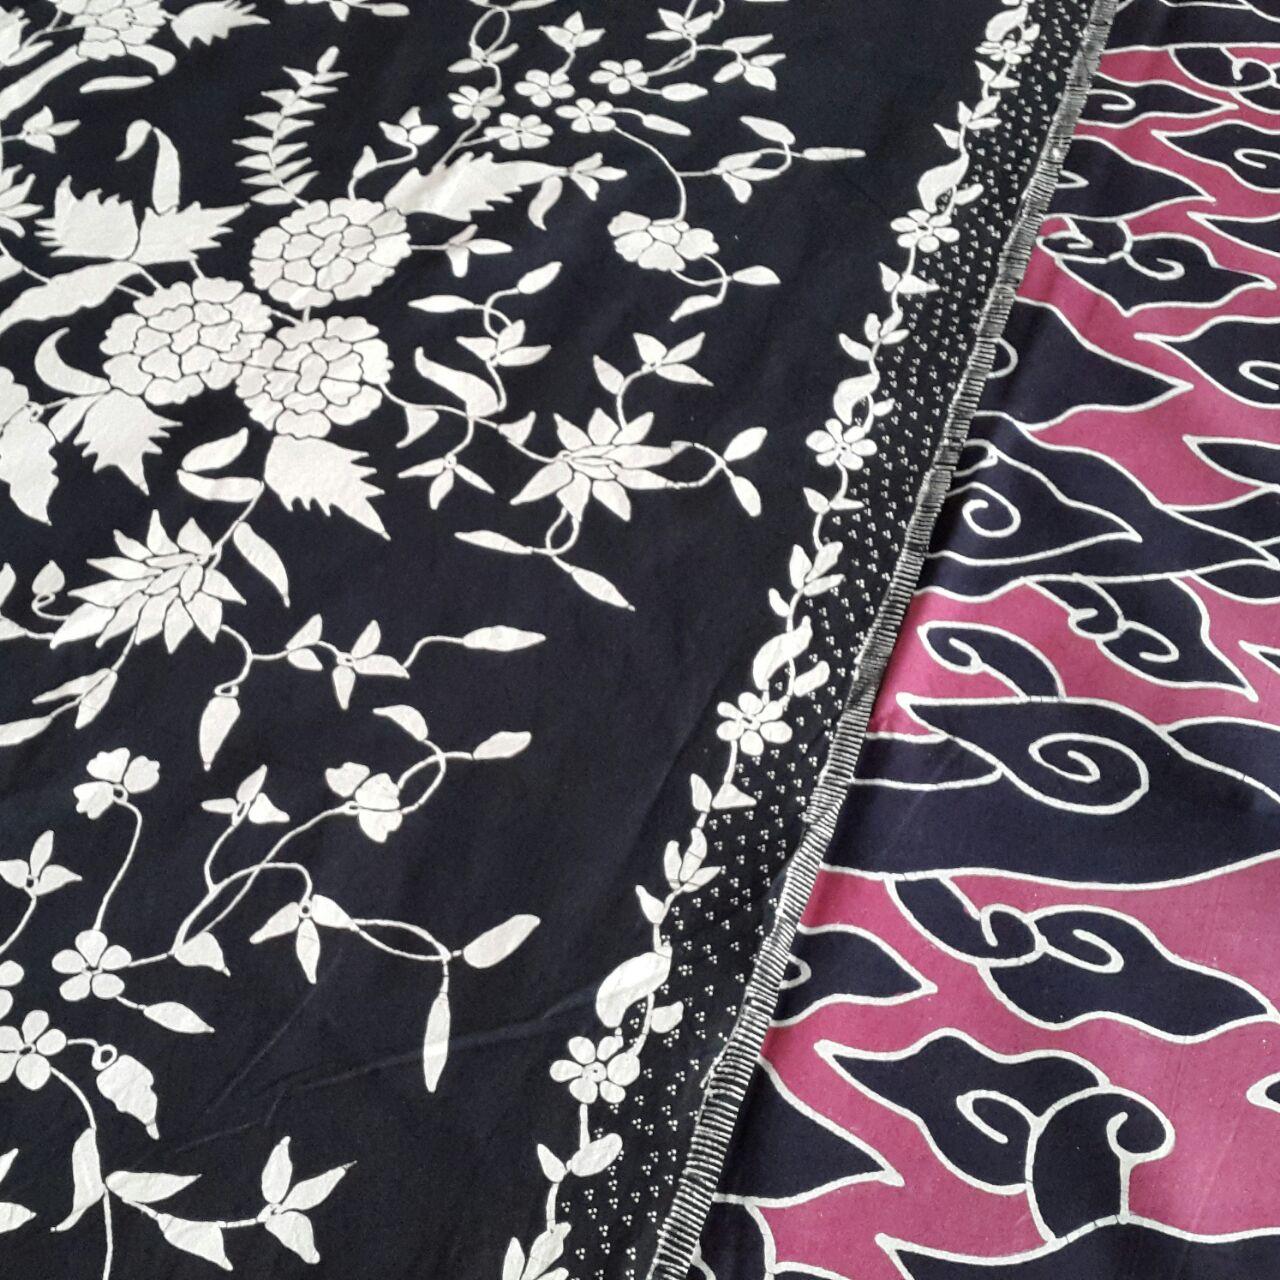 Mengenal Batik Indonesia  Batik Cirebon  d124837f72